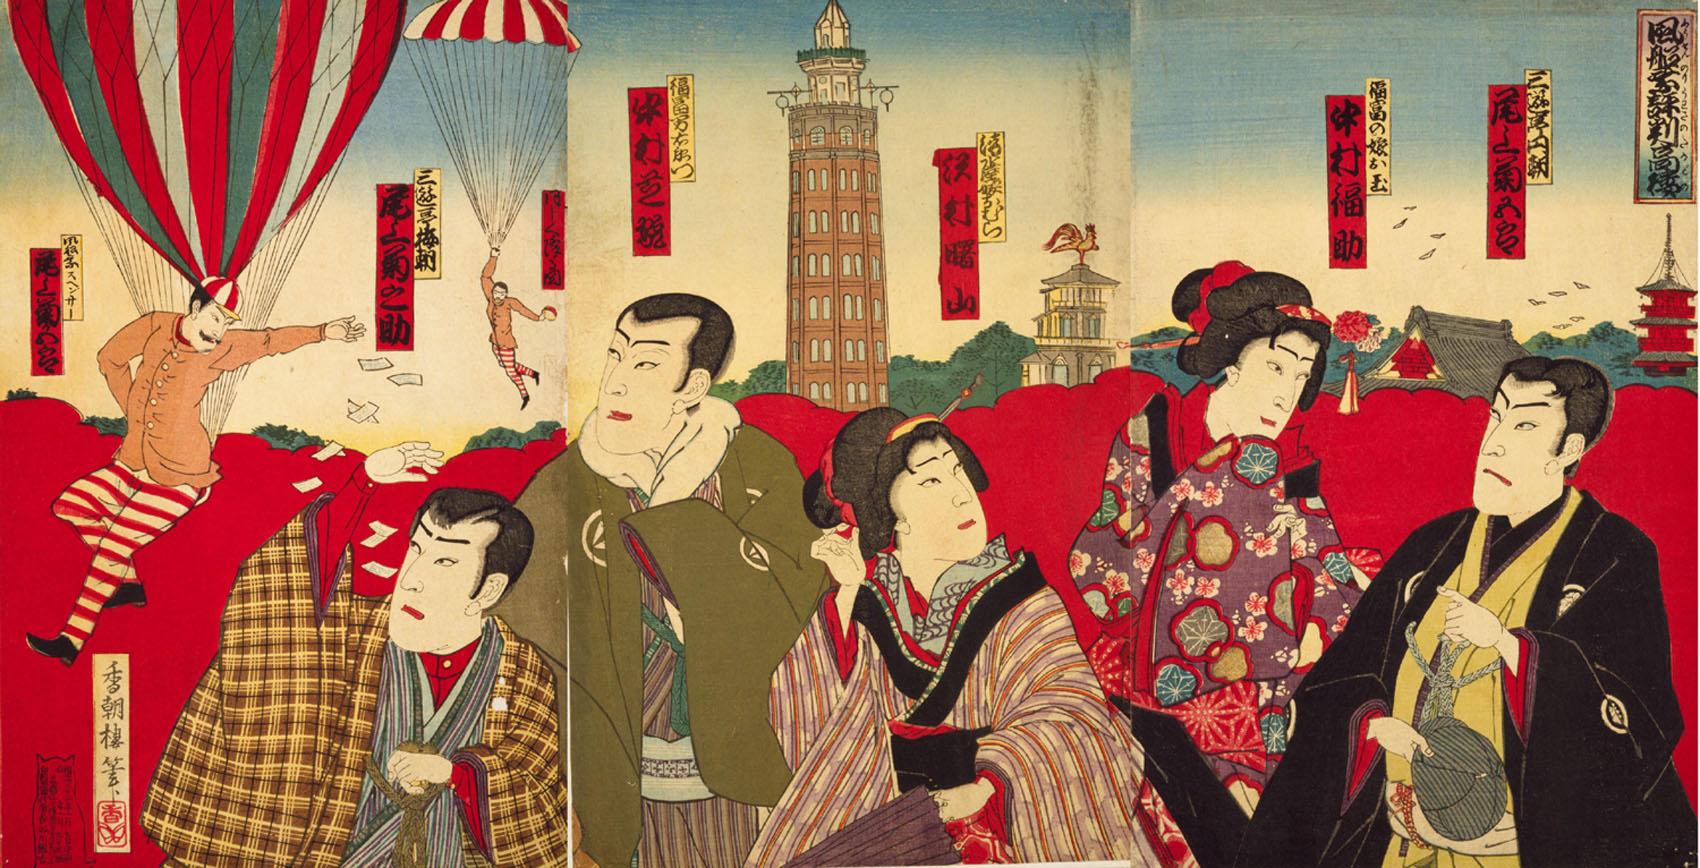 『風船乗評判高楼』明治24年 画;歌川国貞(3代)国立国会図書館所蔵